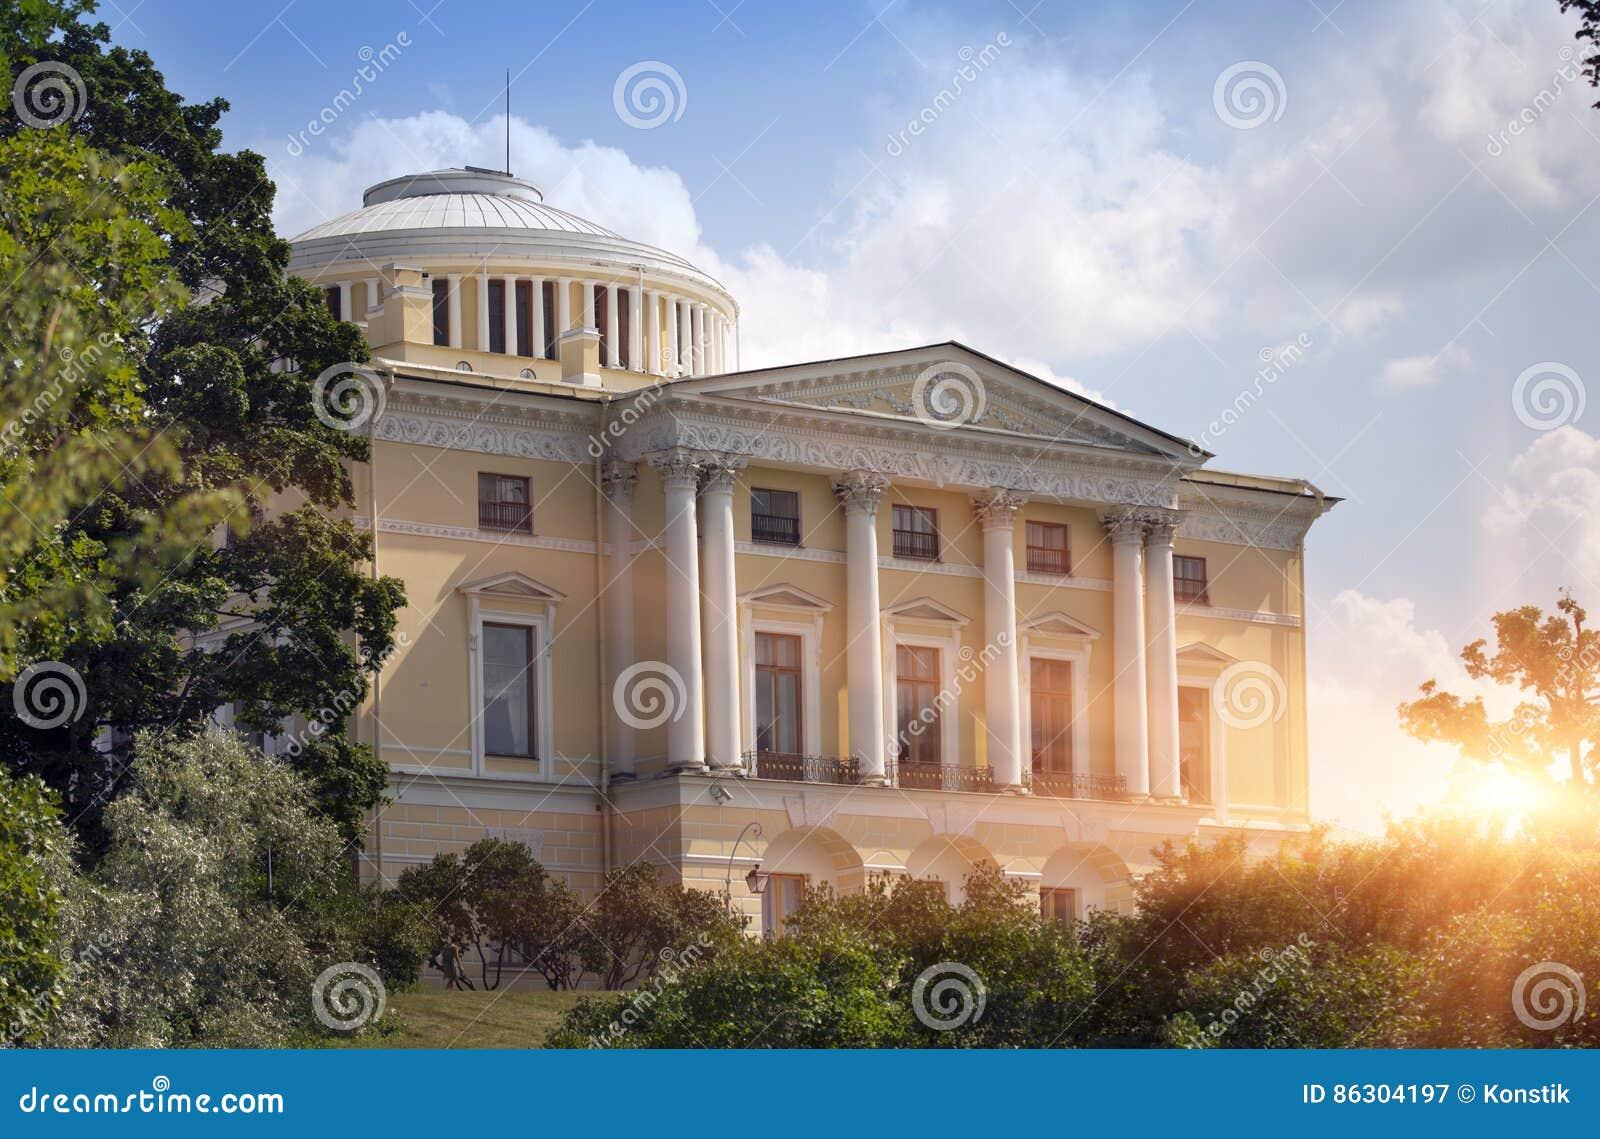 Дворец Павловска, 18 столетие, русская имперская резиденция в Павловске около Санкт-Петербурга, России